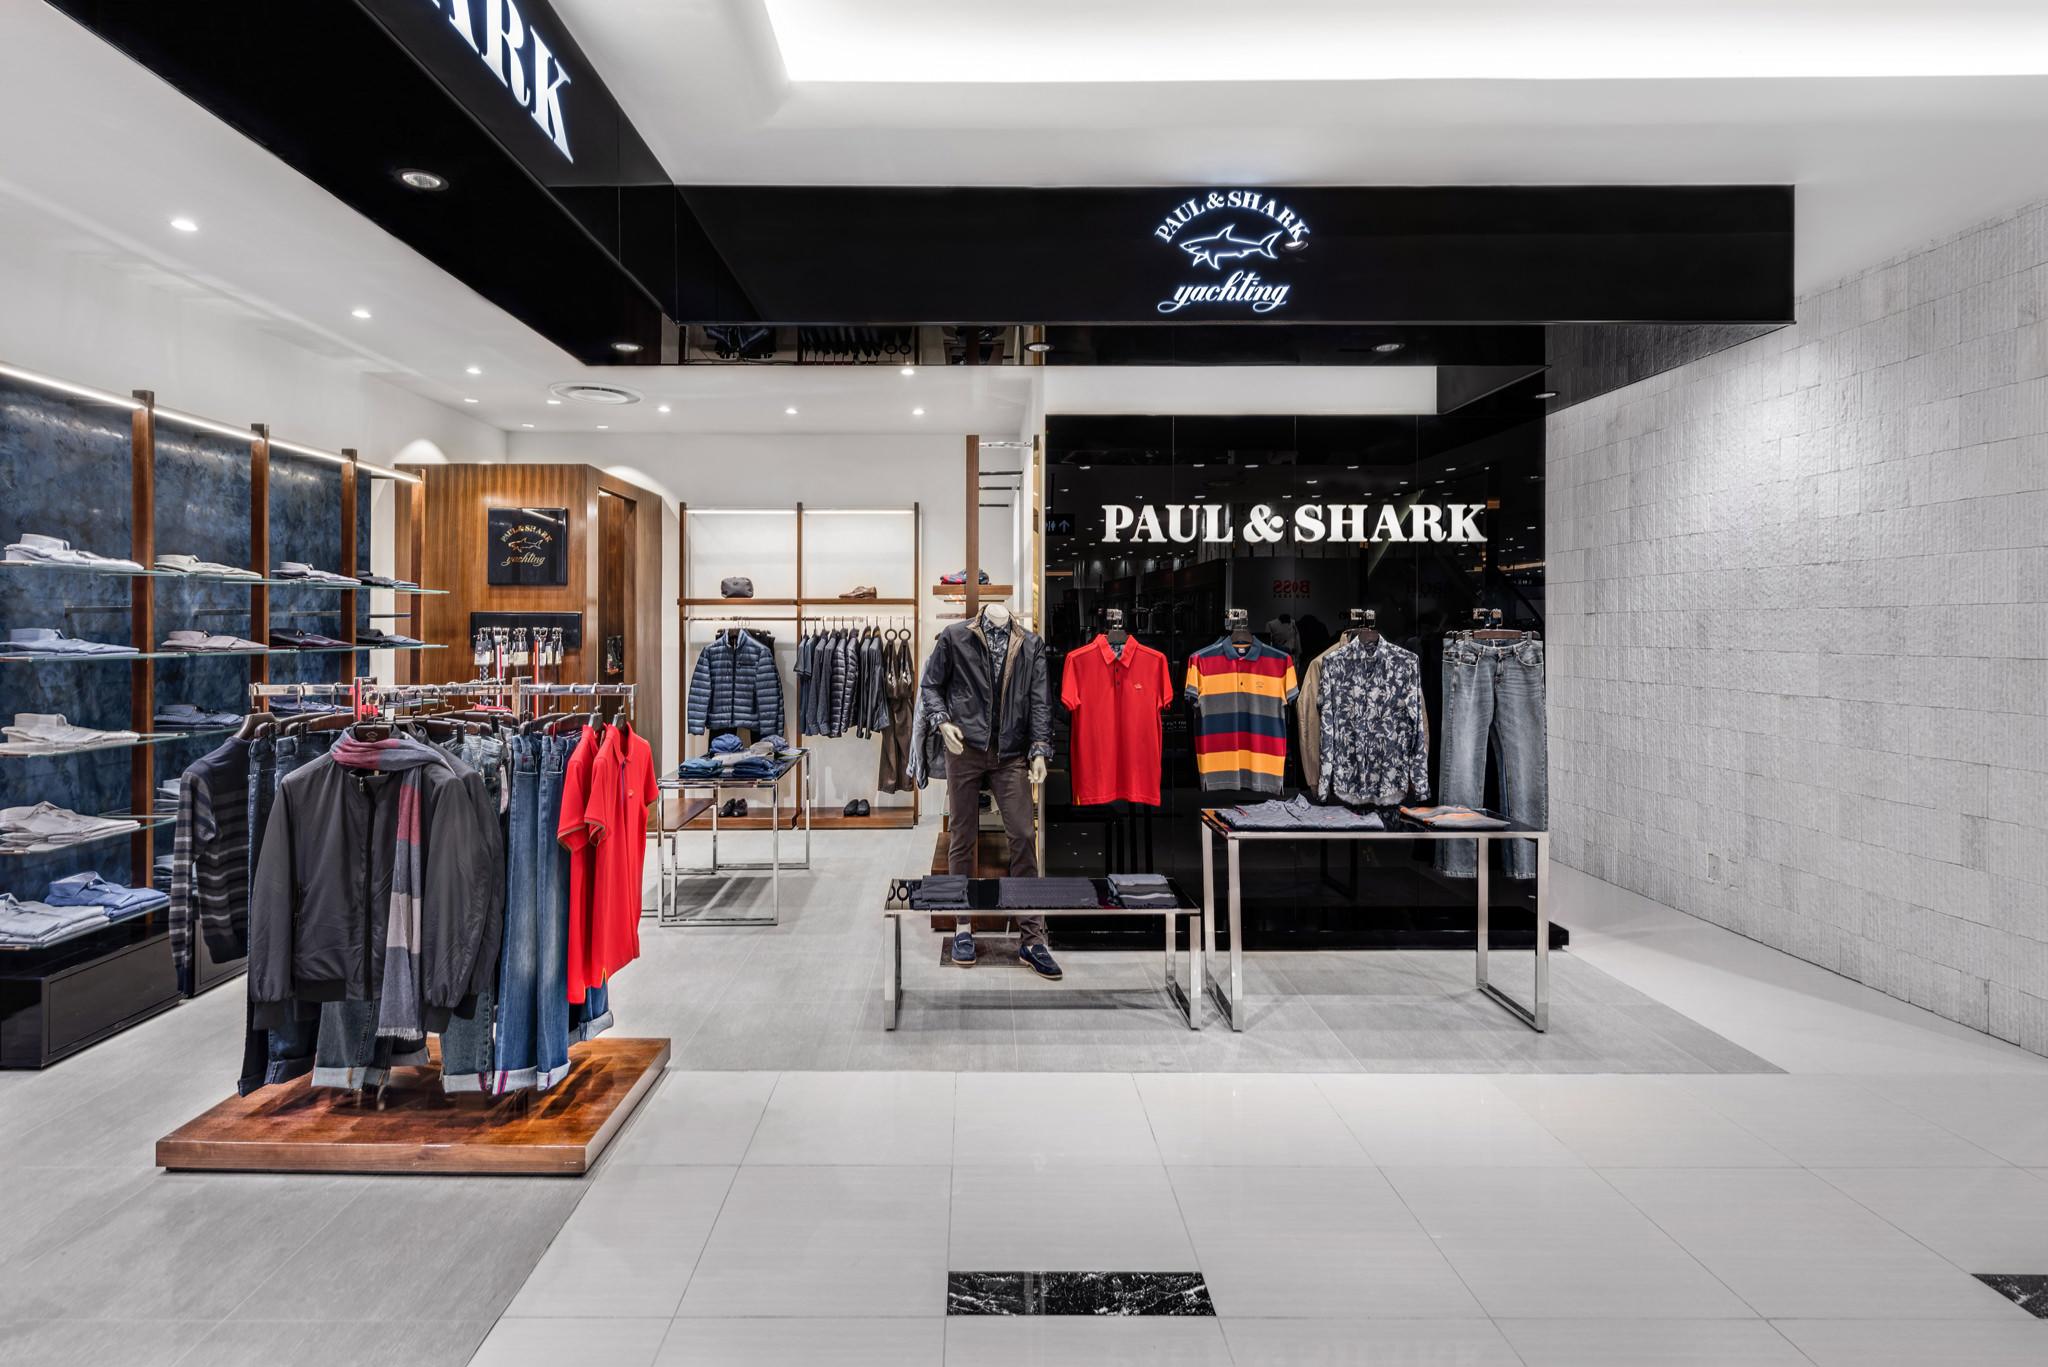 20160729 - Paul & Shark - HCM - Commercial - Interior - Store - Retouch 0004.jpg